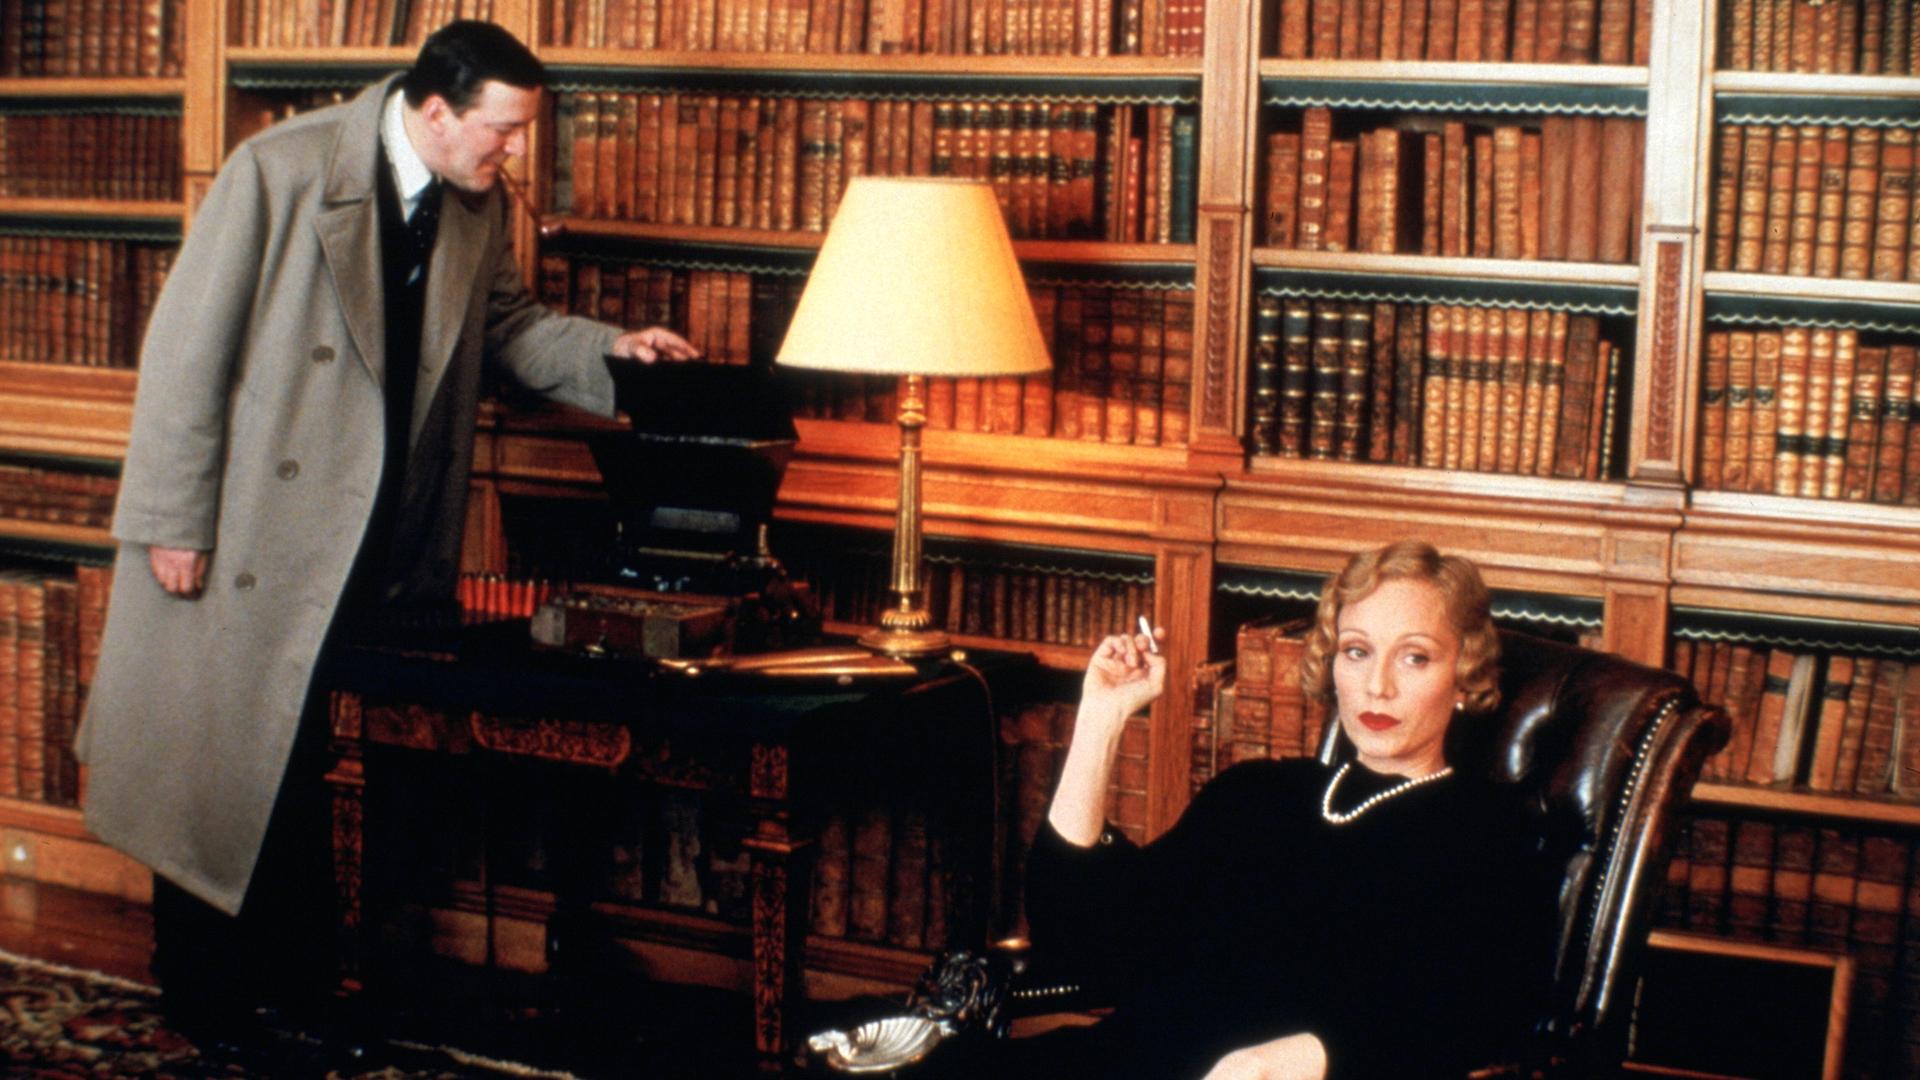 Stephen Fry and Kristin Scott Thomas in Gosford Park